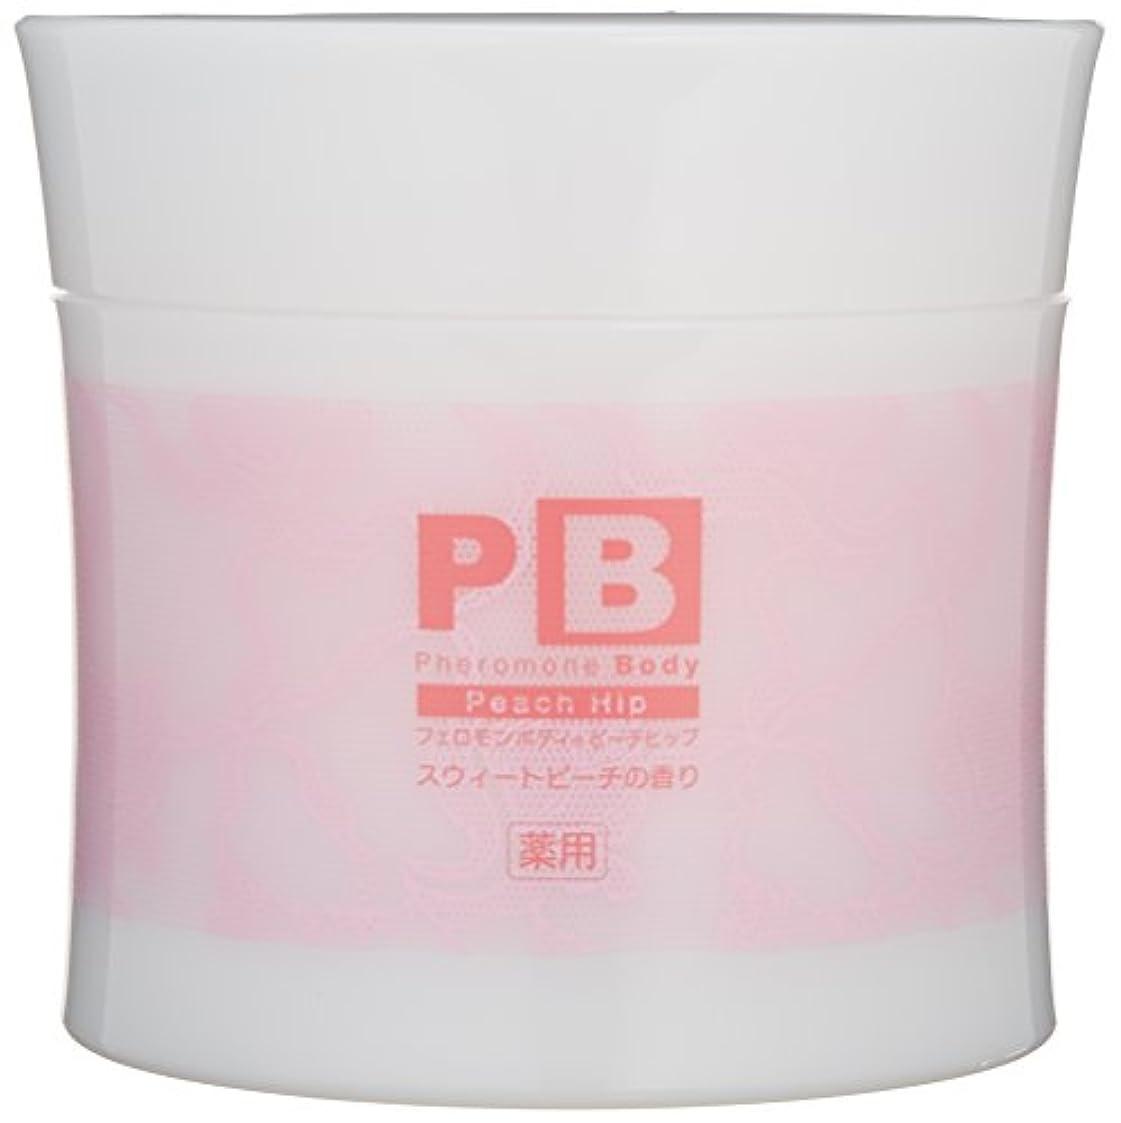 排気支払い写真を描くフェロモンボディ ピーチヒップ スウィートピーチの香り 500g [医薬部外品]